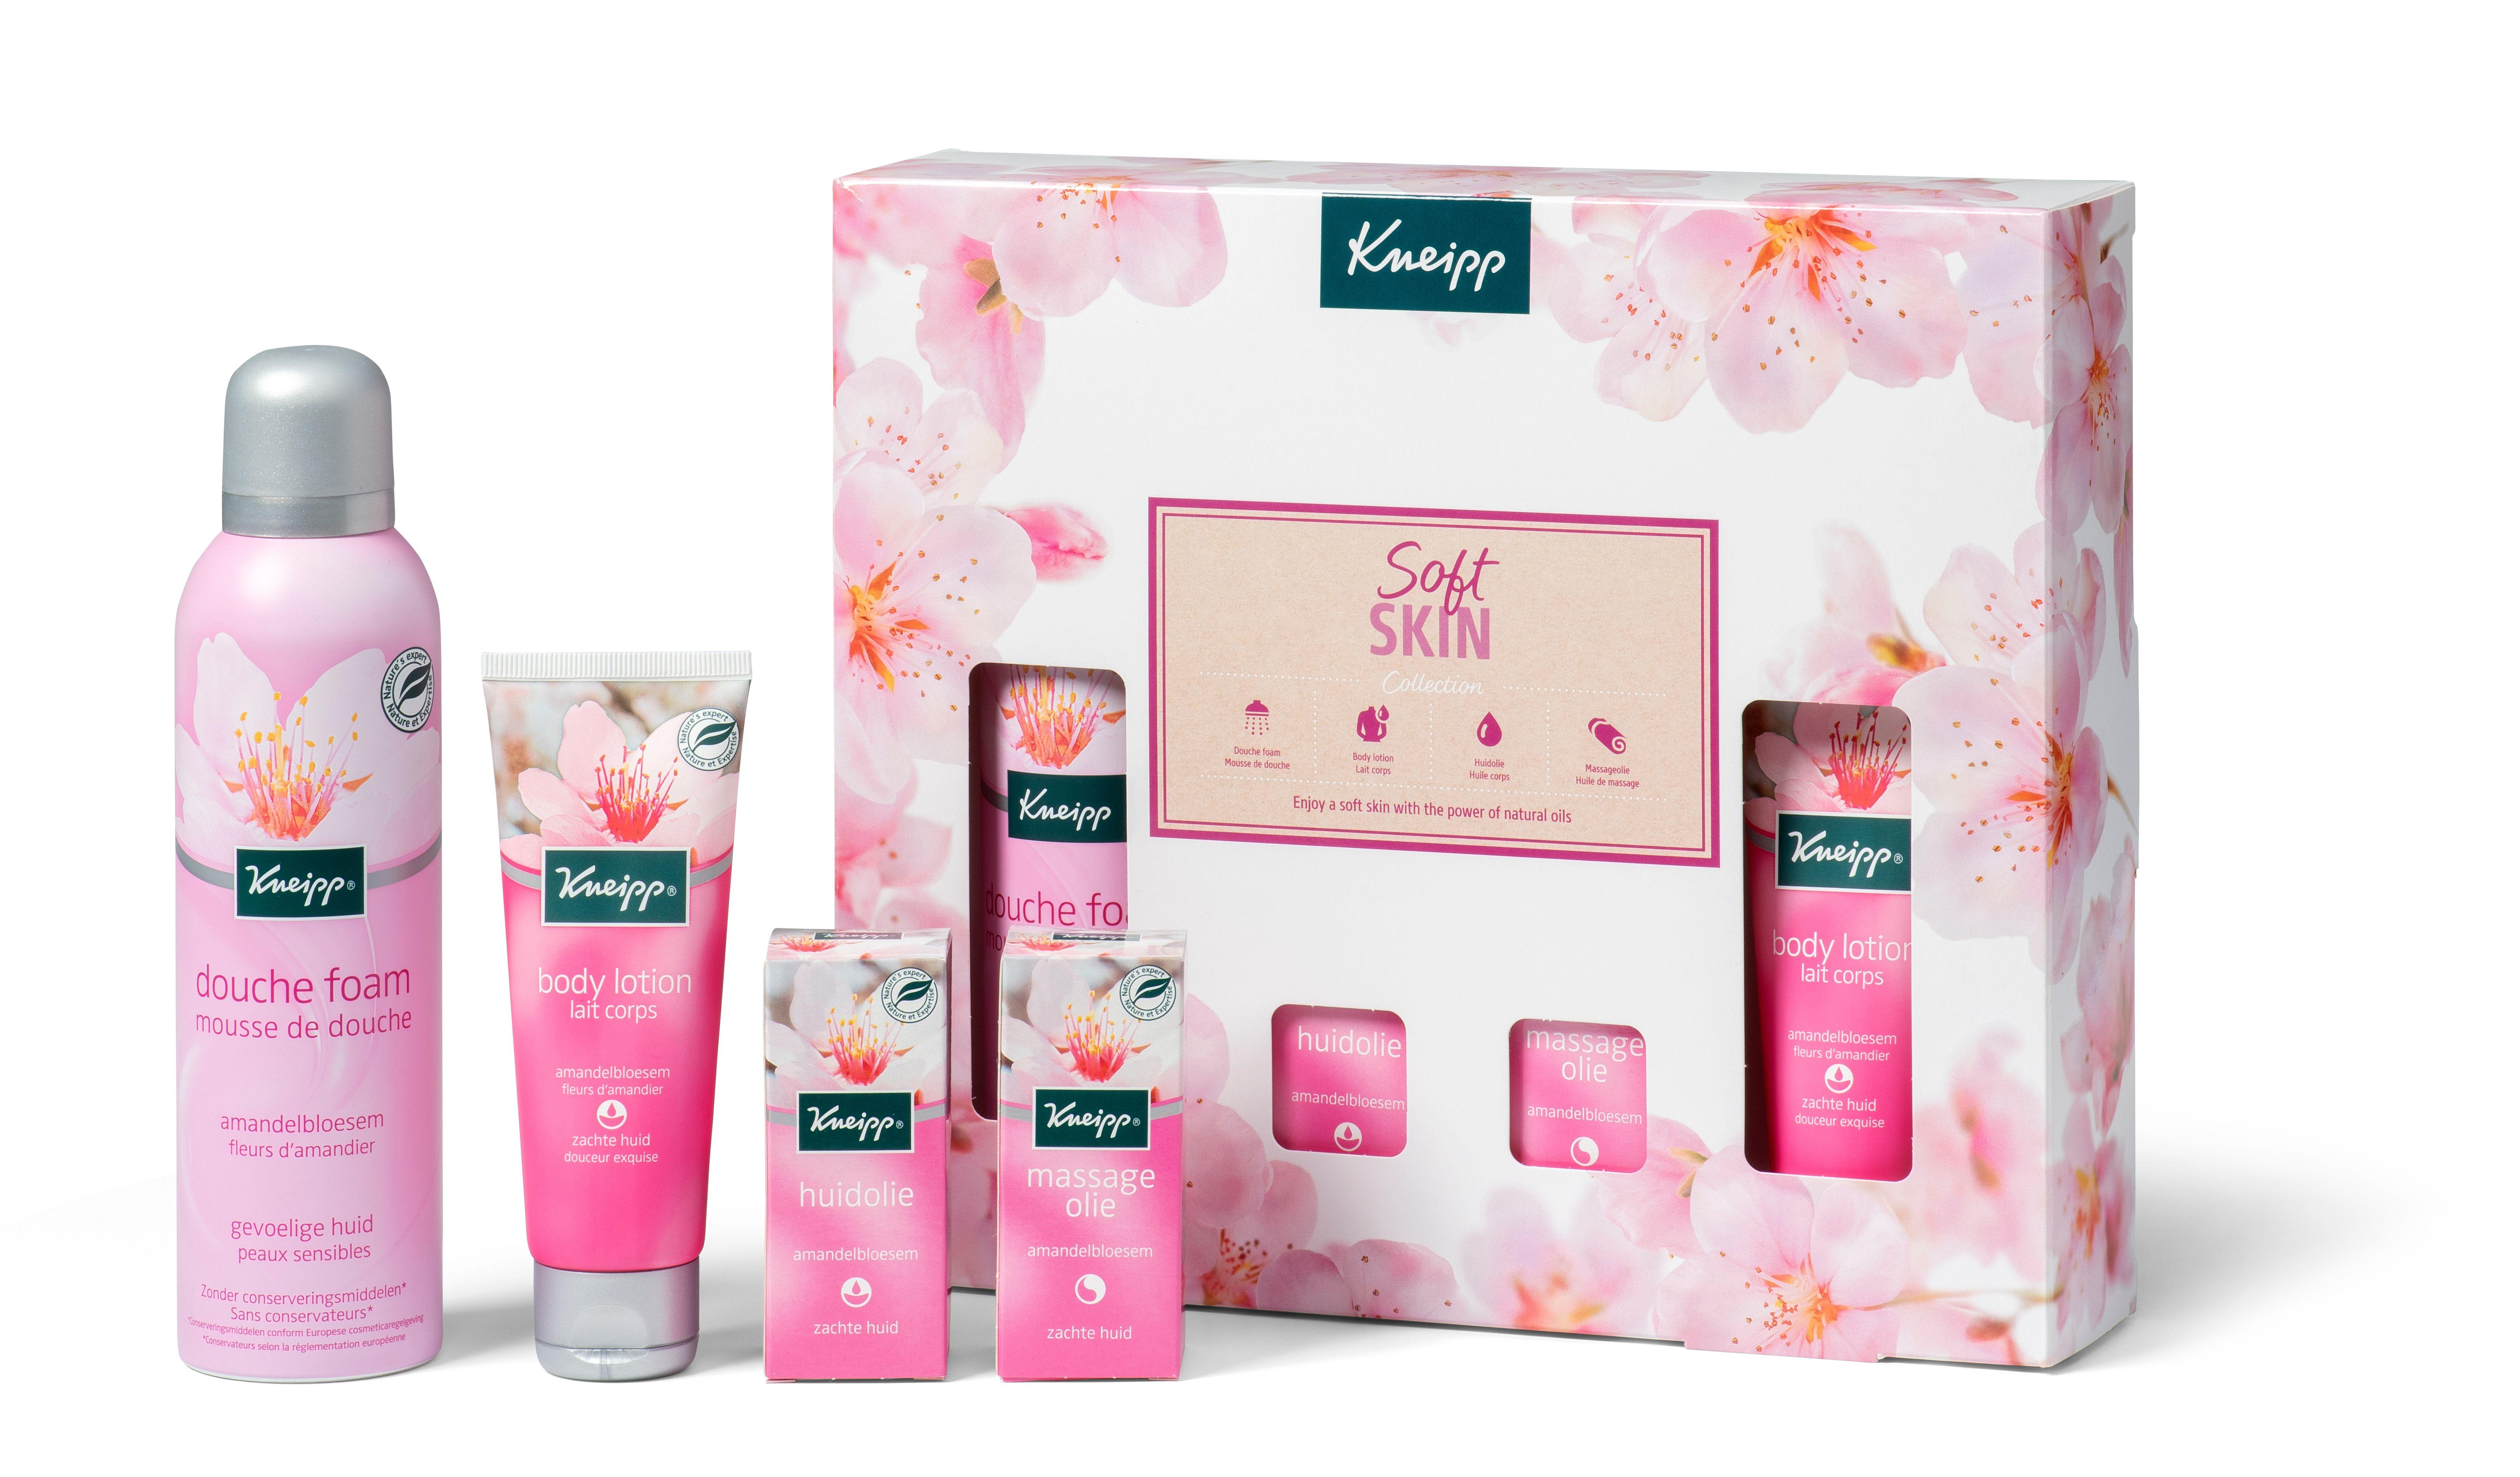 Nieuwe kneipp Giftsets voor Sint/kerst 2020 Soft skin collectie